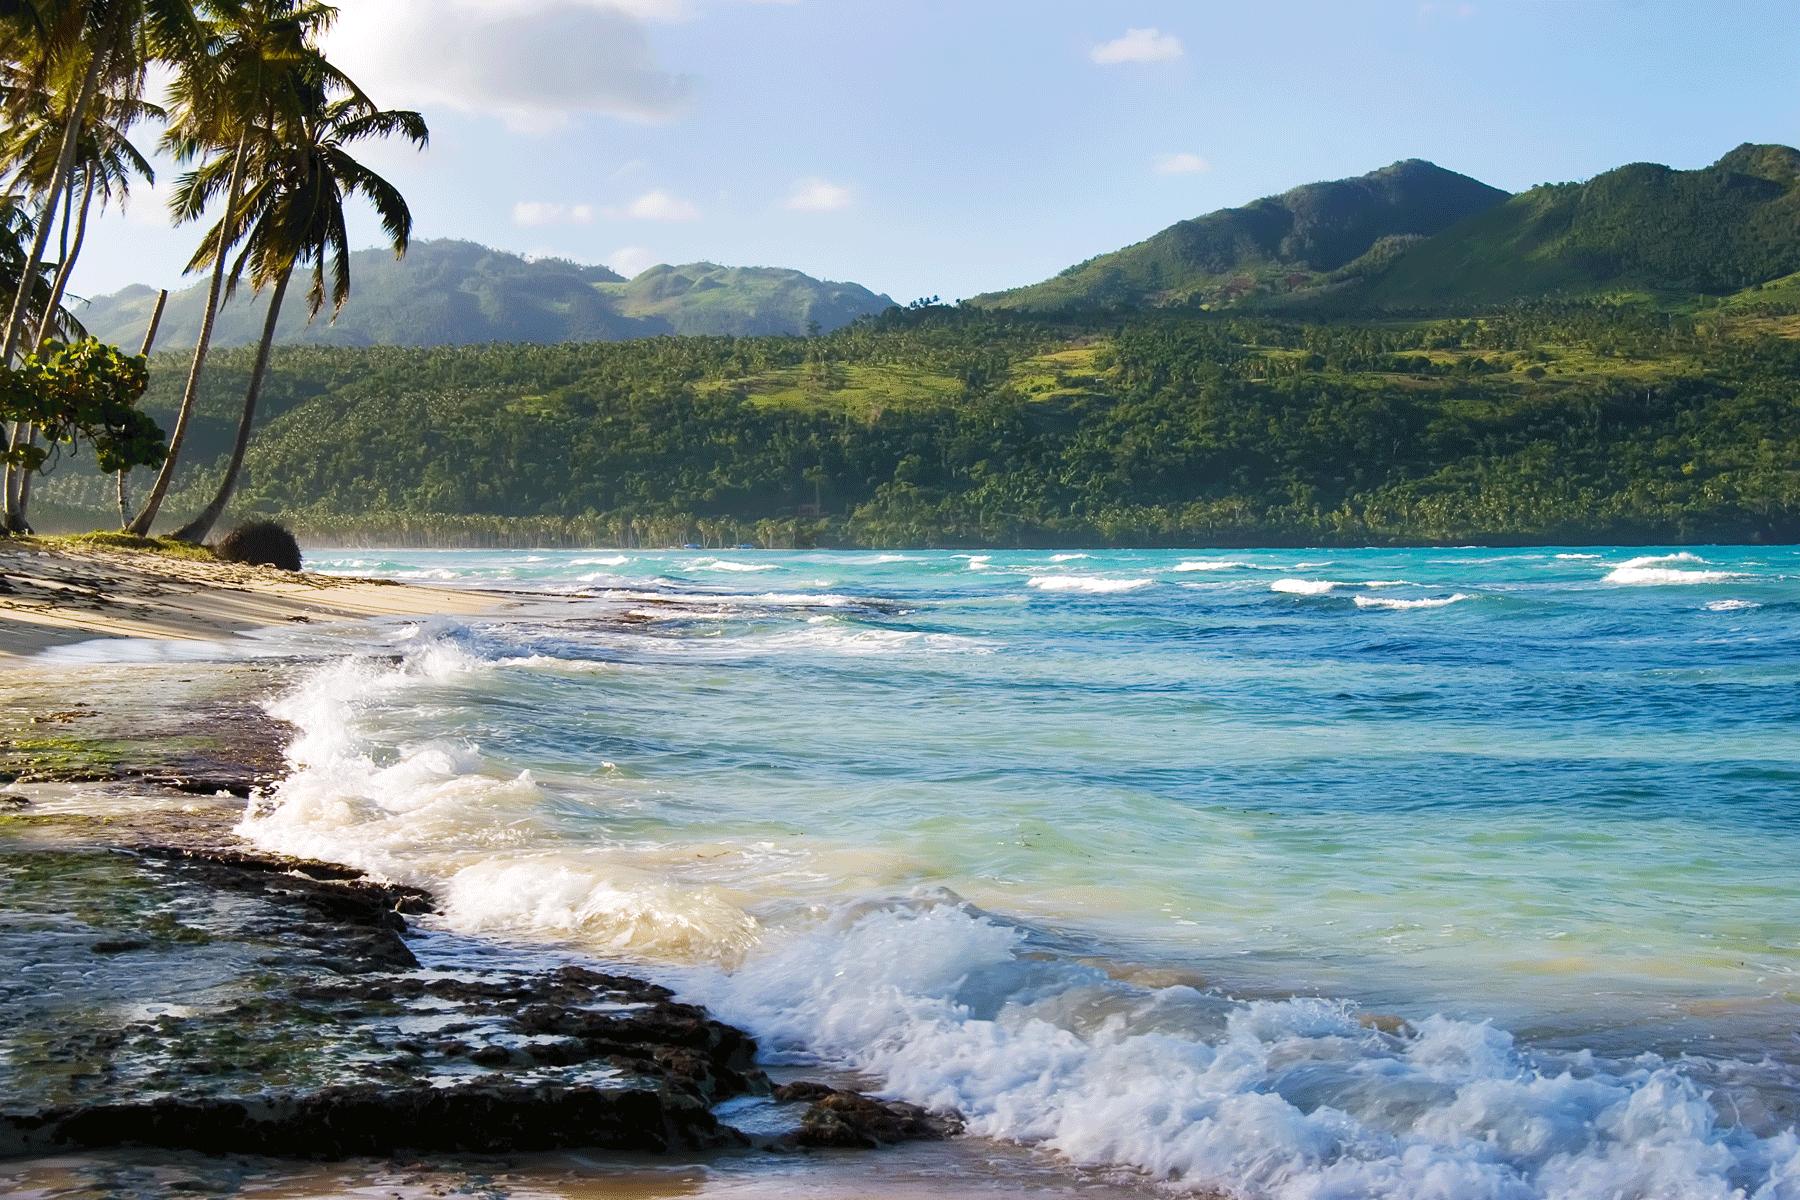 playa-las-galeras-samana-peninsula-dominican-republic